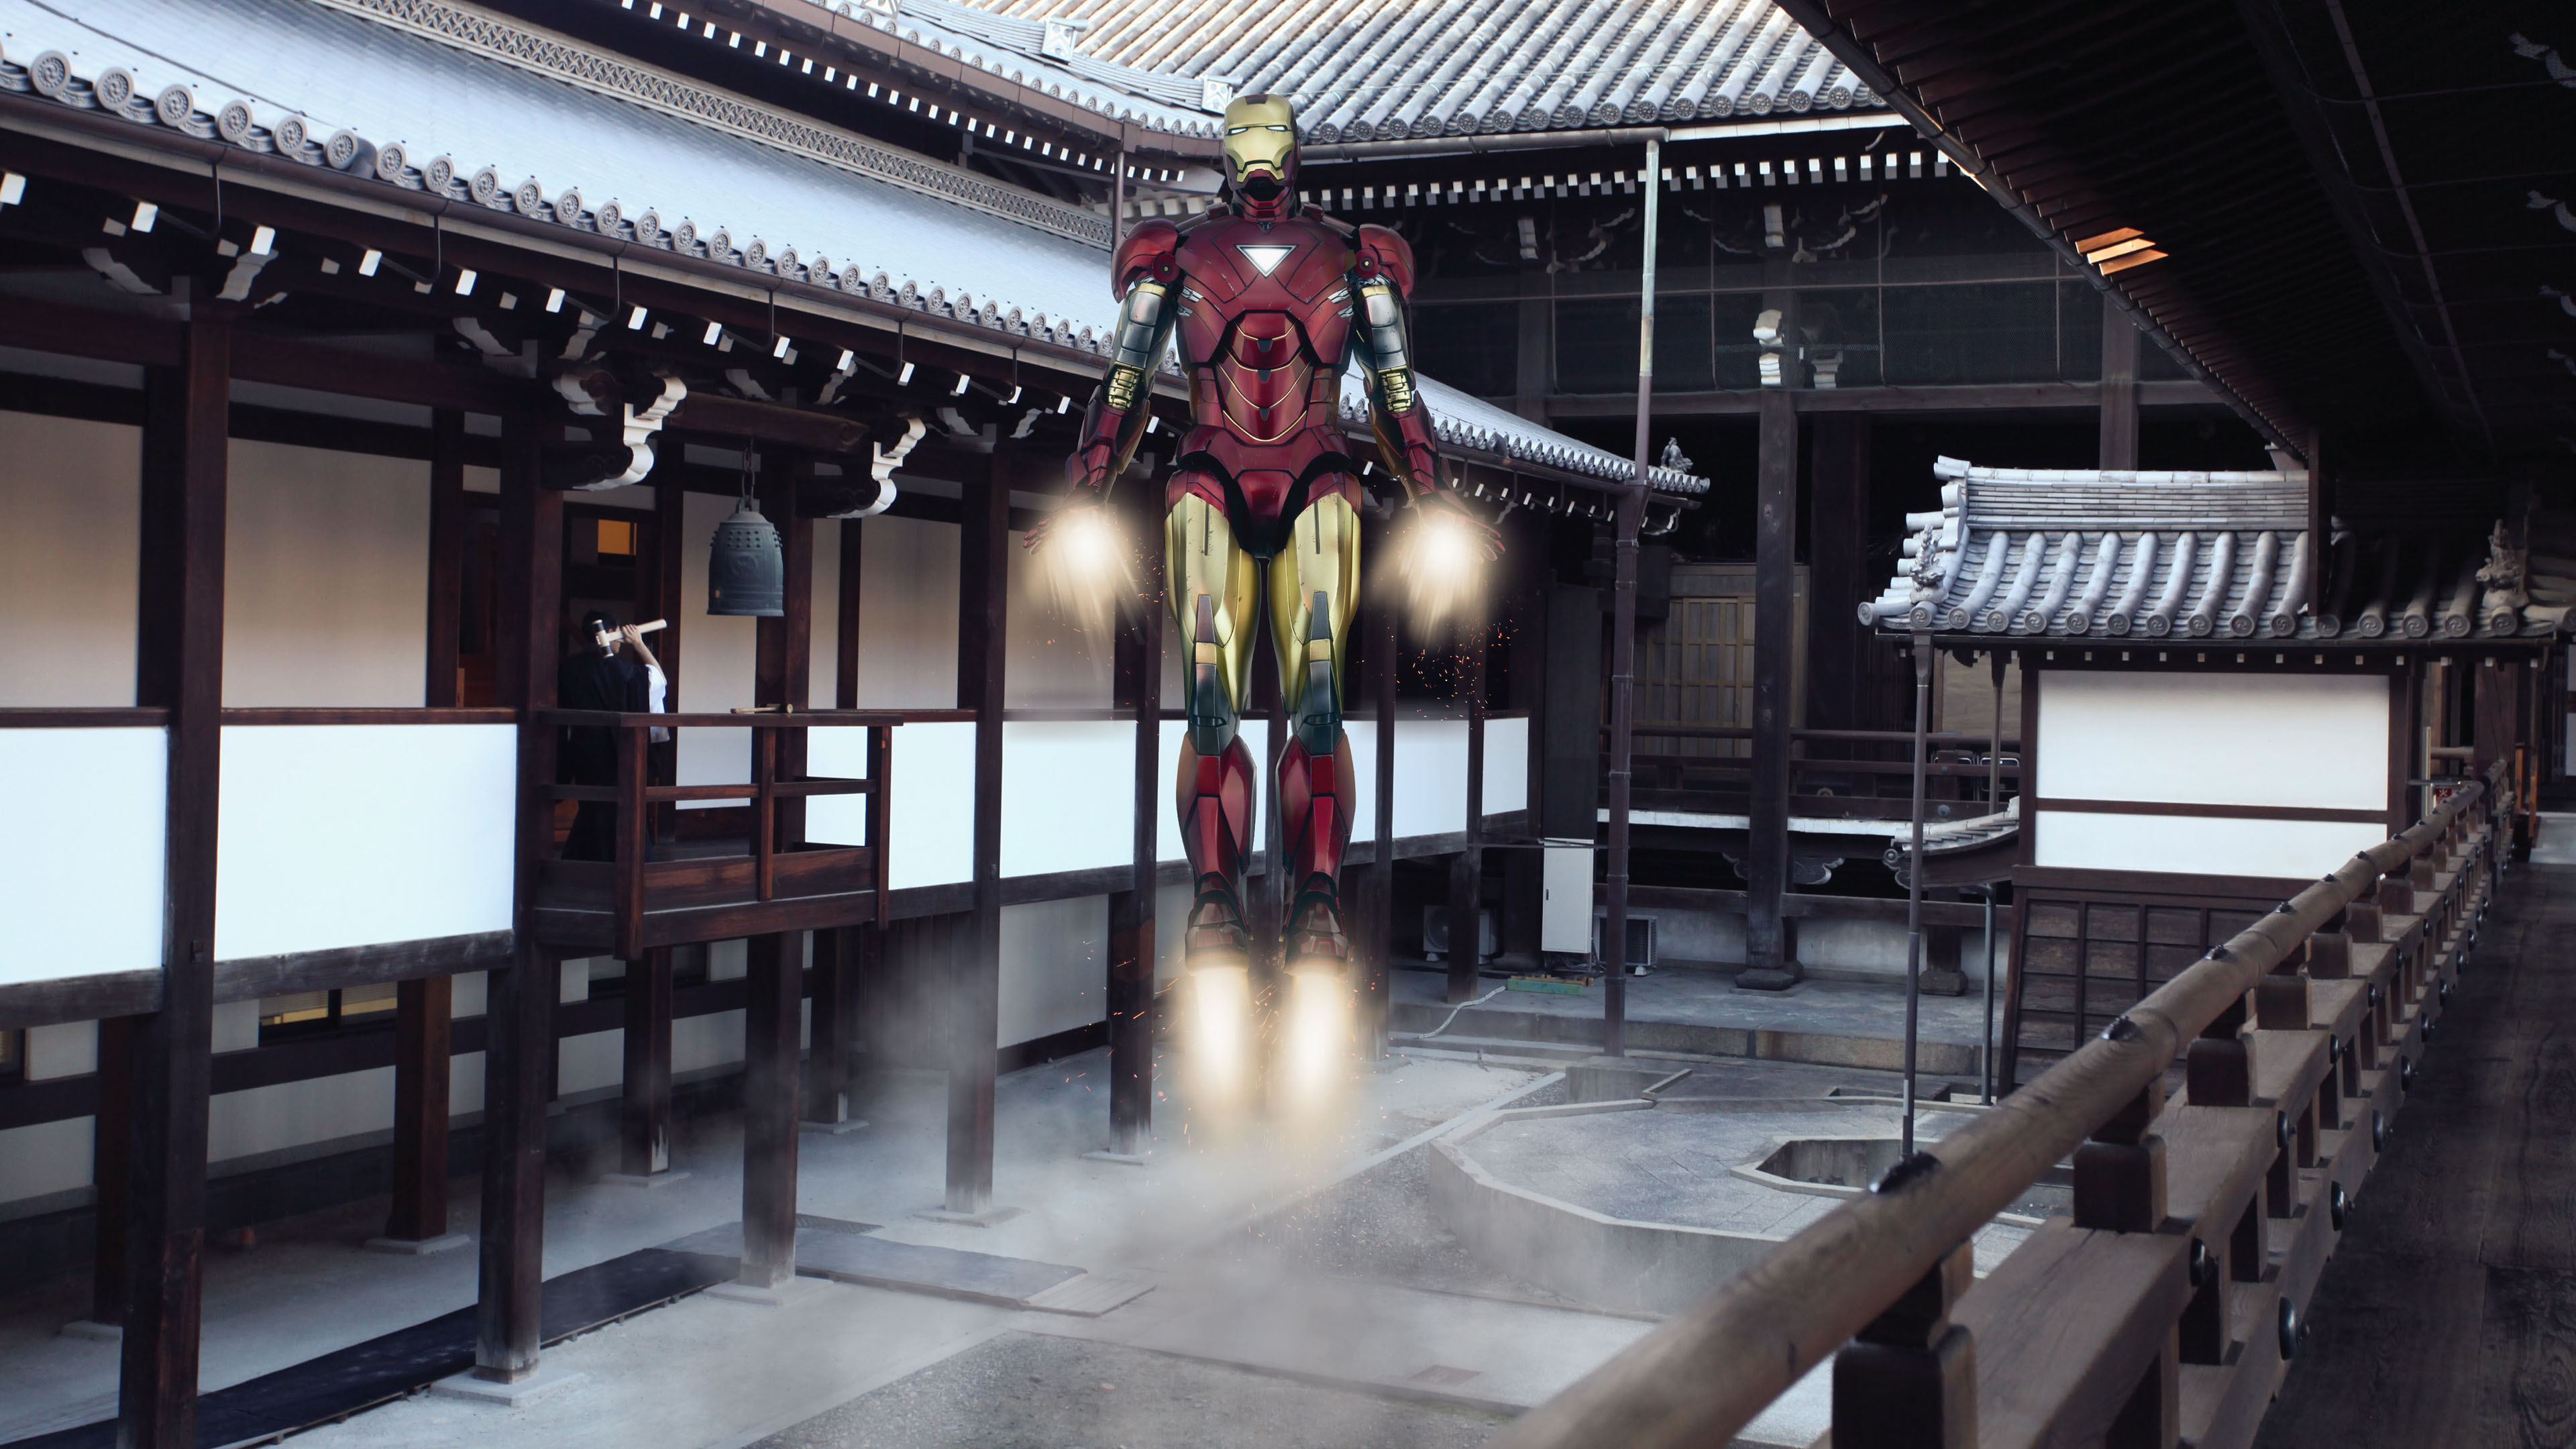 iron man mark xlvi 4k 1553071278 - Iron Man Mark XLVI 4k - superheroes wallpapers, iron man wallpapers, hd-wallpapers, digital art wallpapers, behance wallpapers, artwork wallpapers, 4k-wallpapers